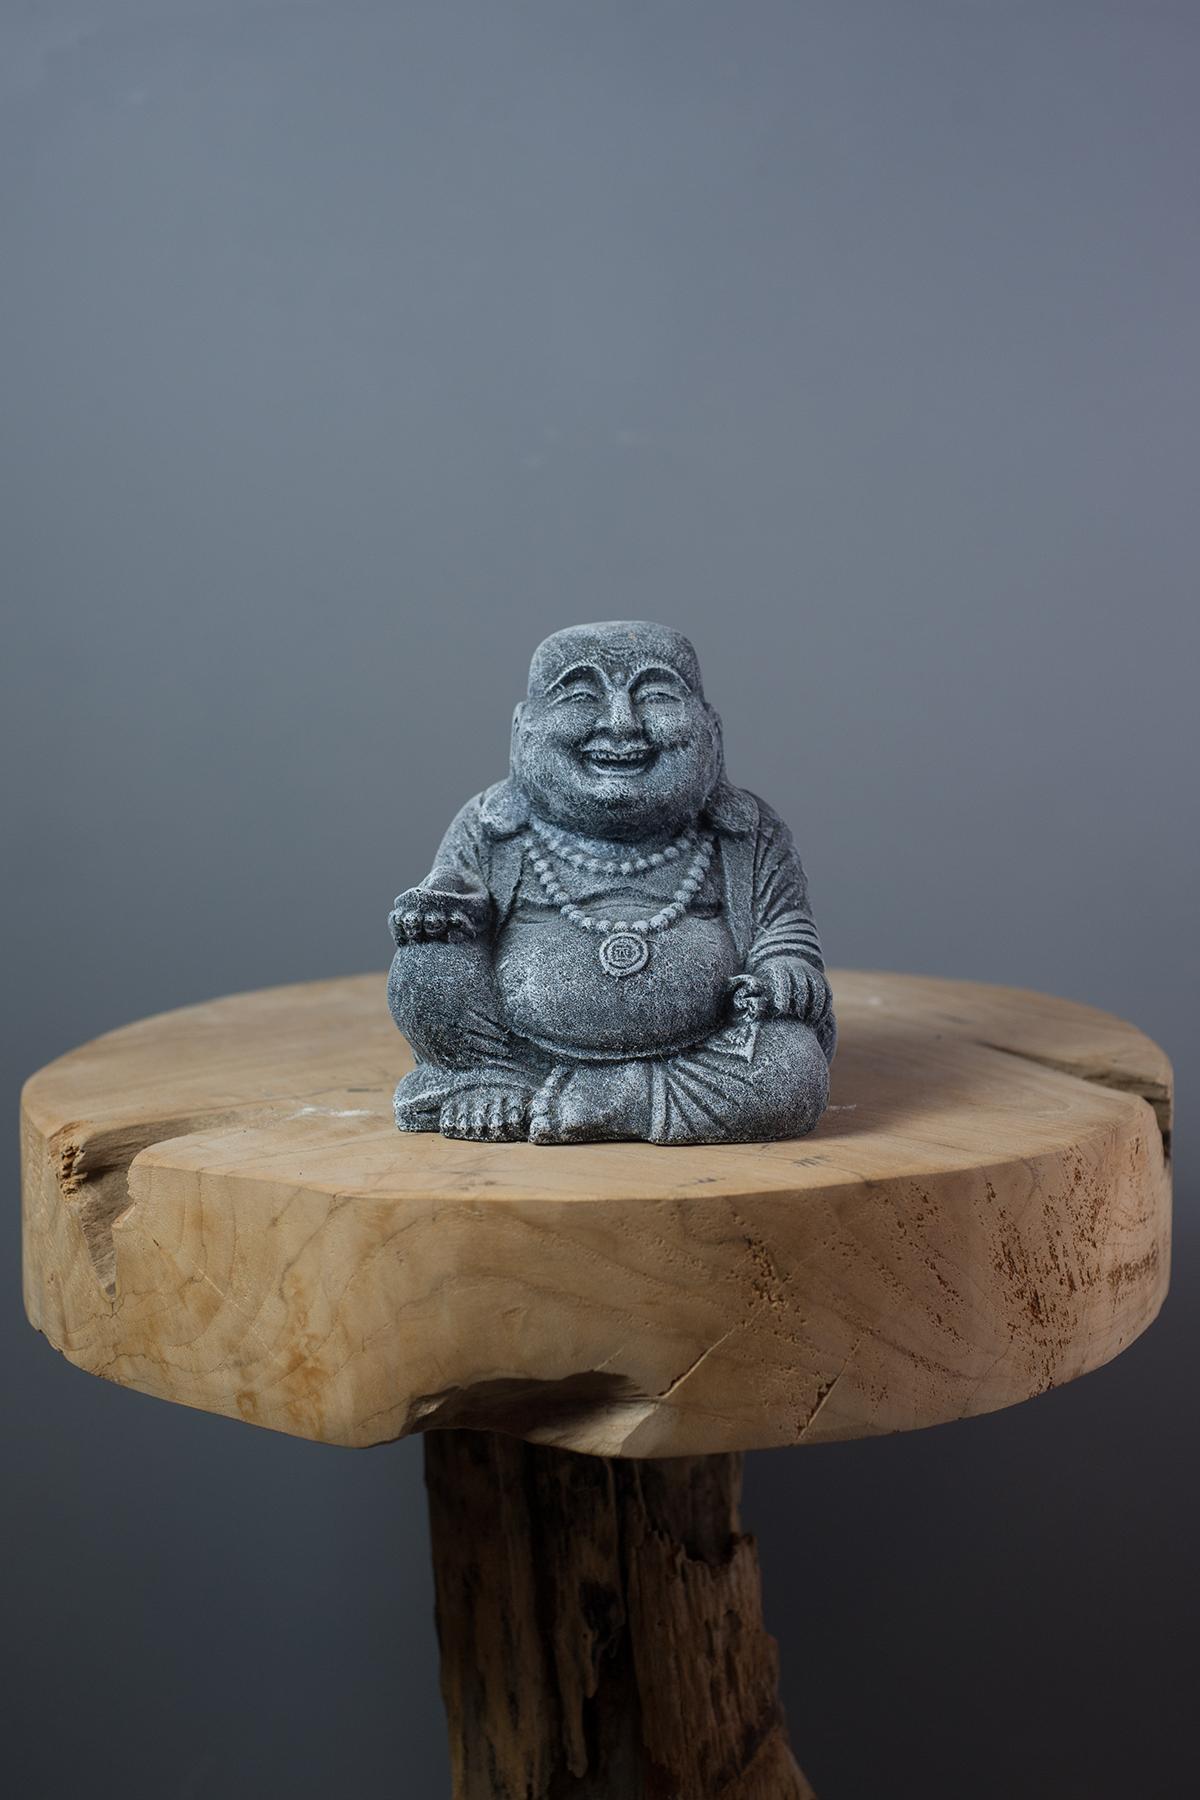 statuette bouddha rieur 15 cm en ciment gris sur containers du monde. Black Bedroom Furniture Sets. Home Design Ideas